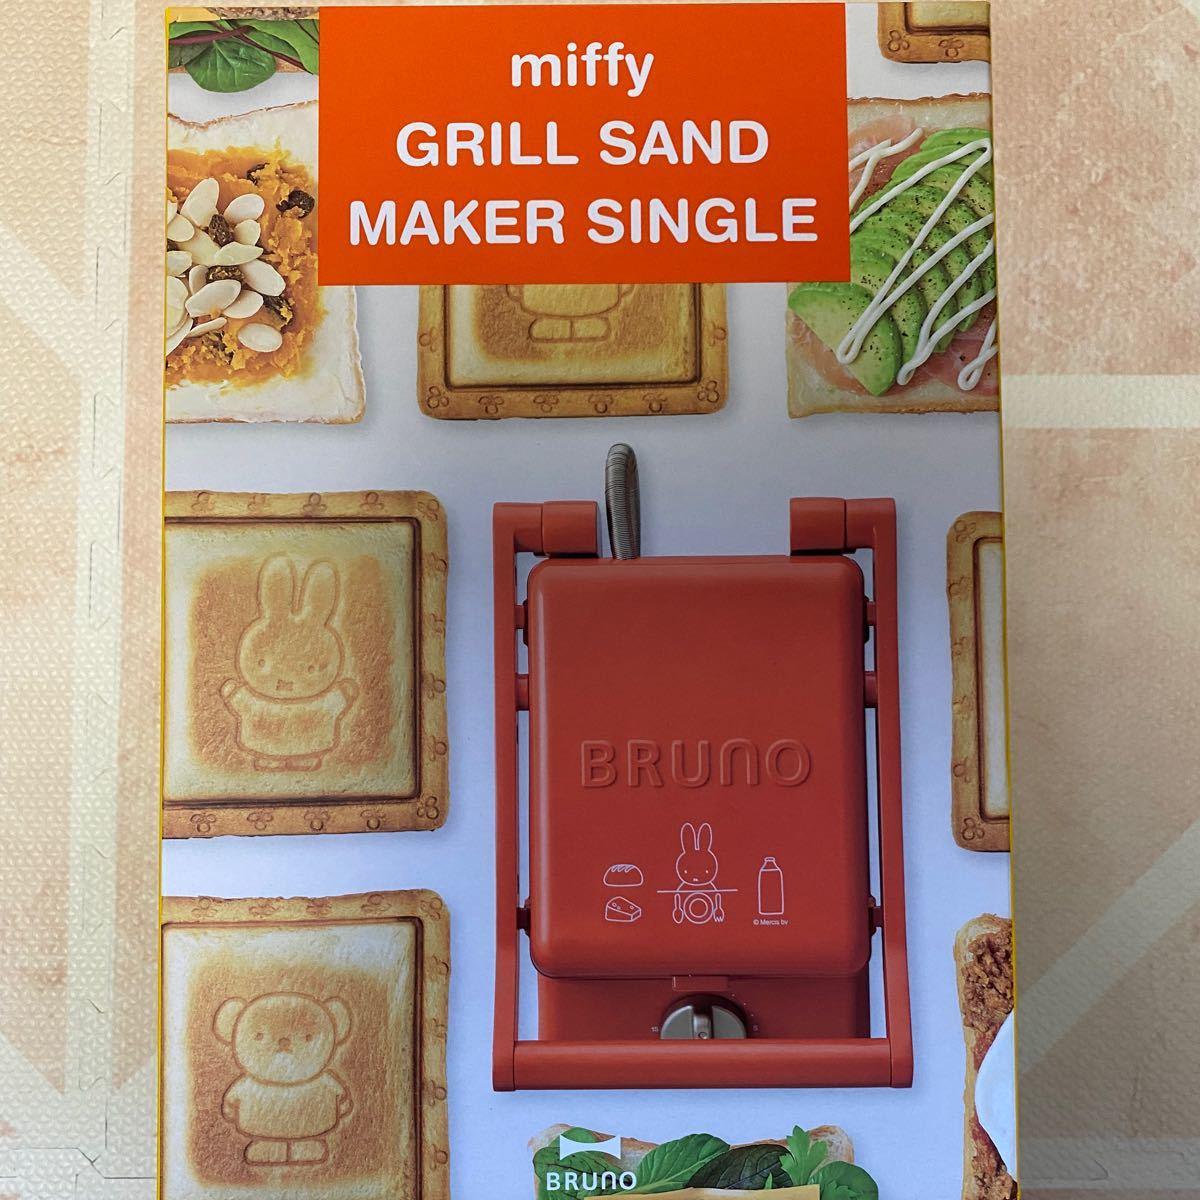 【新品未使用】BRUNO miffy グリルサンドメーカー シングル ミッフィー ブルーノ ホットサンド